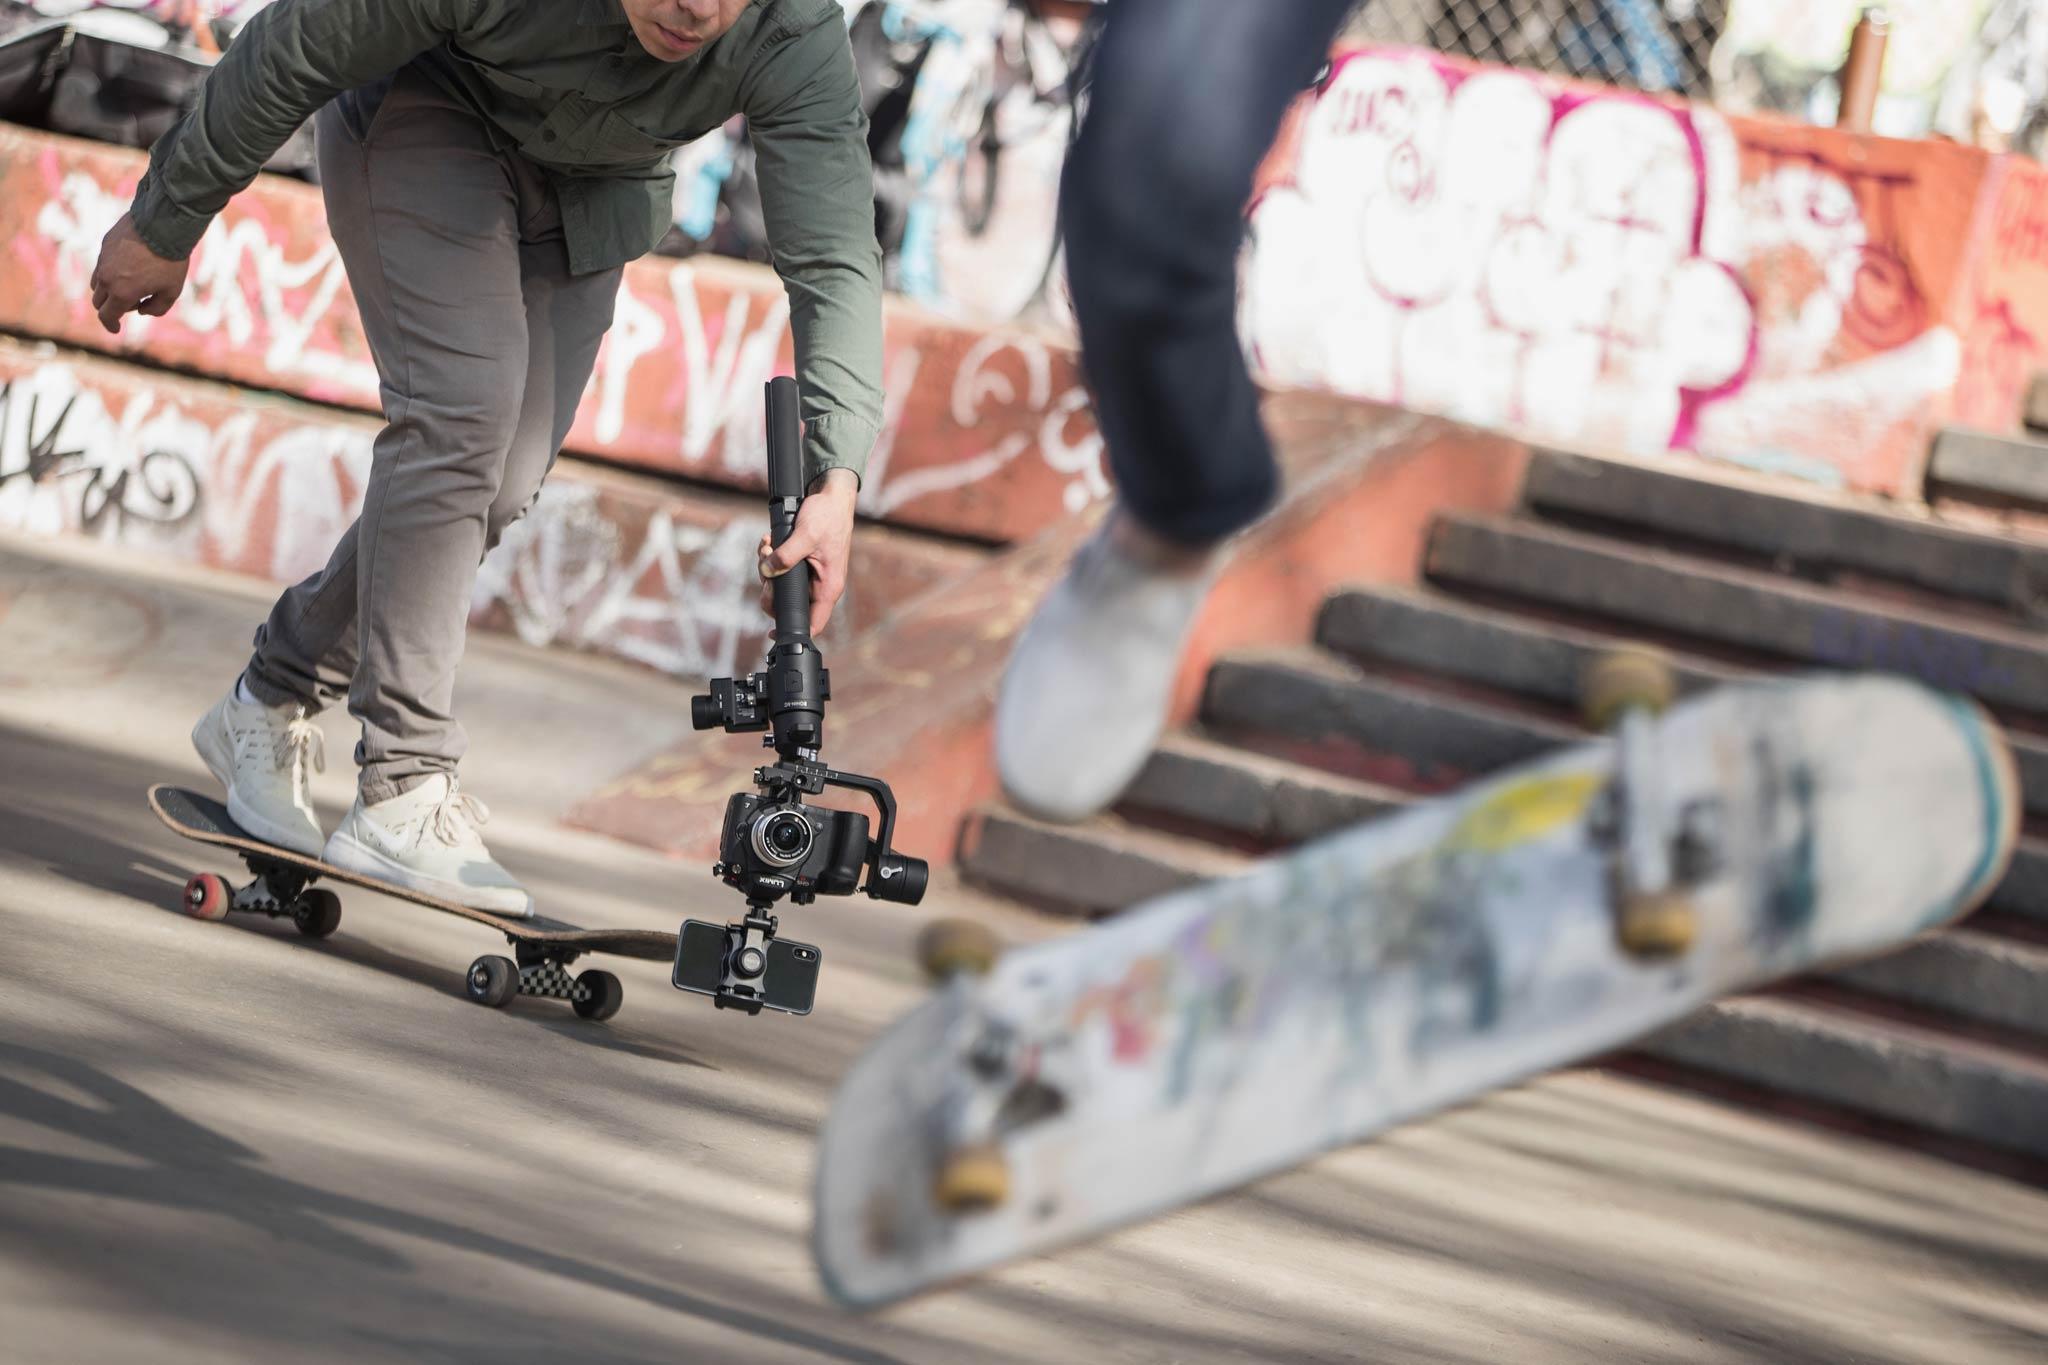 Durch die Möglichkeit den Gimbal umgedreht zu benutzen, kann man aus einem tiefen Blickwinkel filmen. Perfekt fürs Skaten oder Aufnahmen im Snowpark. - Bild: DJI